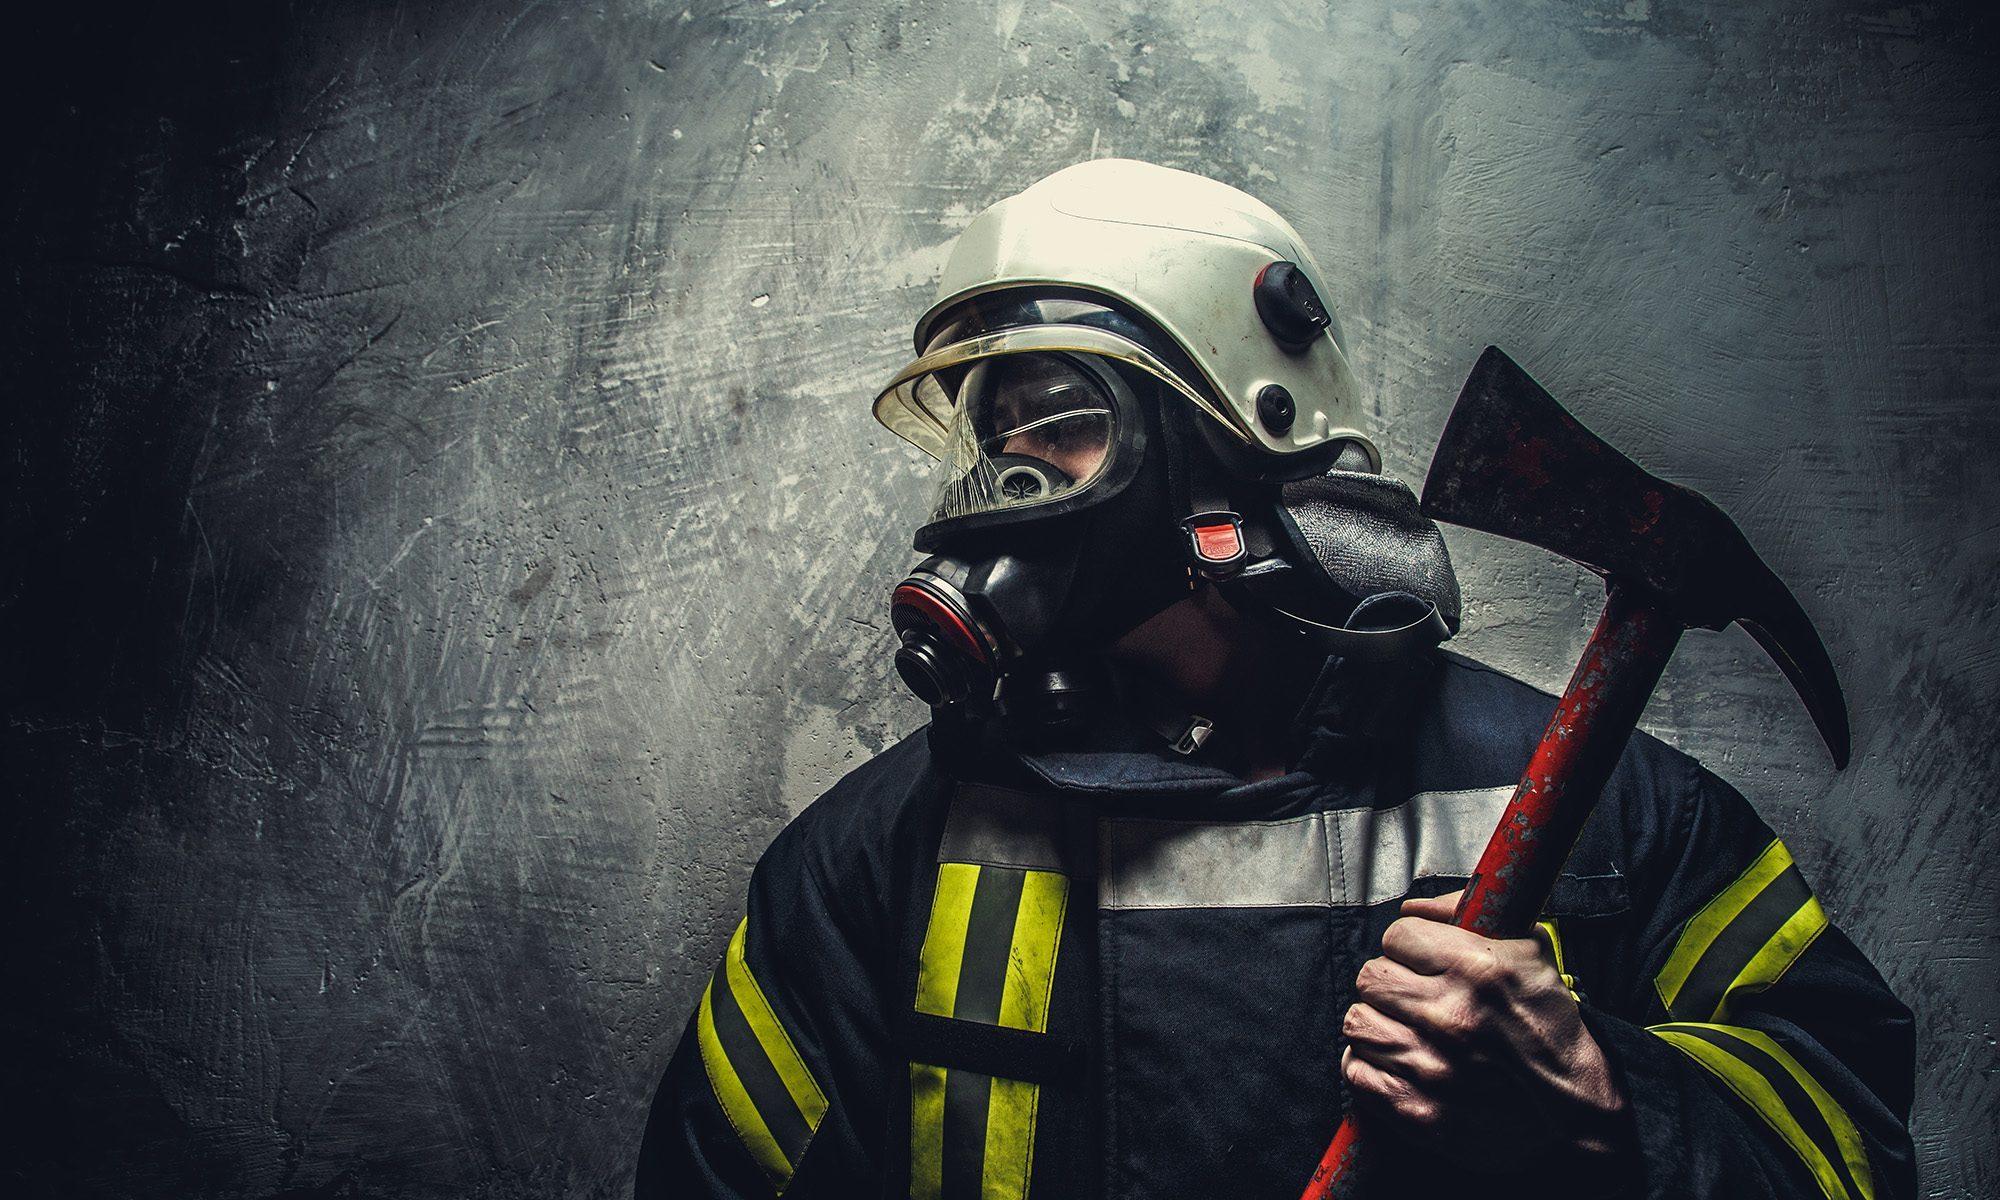 Kalendarze strażackie - Najlepsza jakość druku!